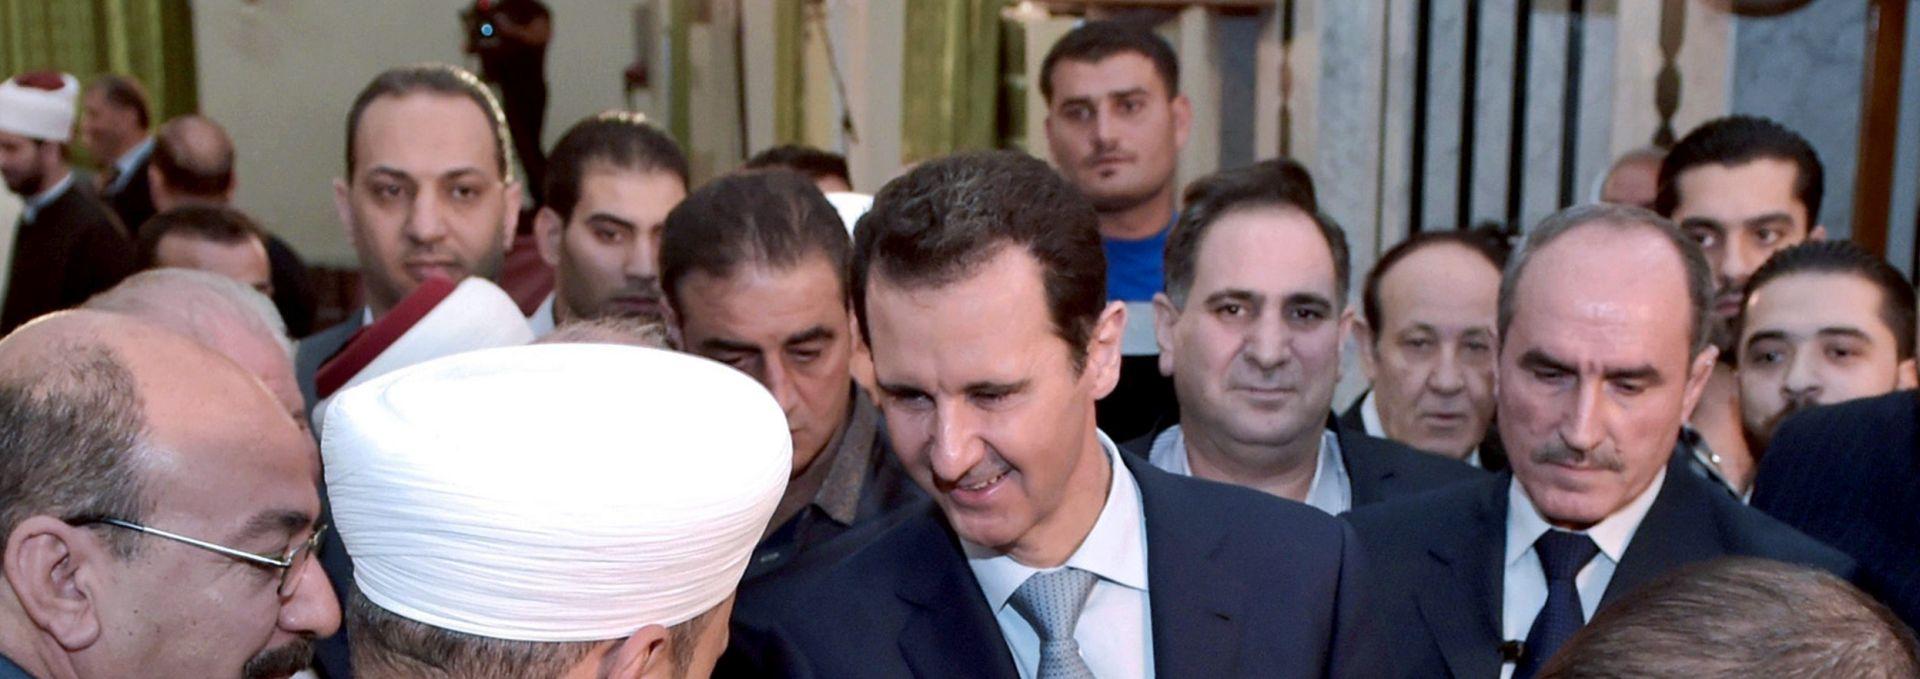 UZ PODRŠKU RUSIJE Asad spreman održati izbore ako to želi sirijski narod